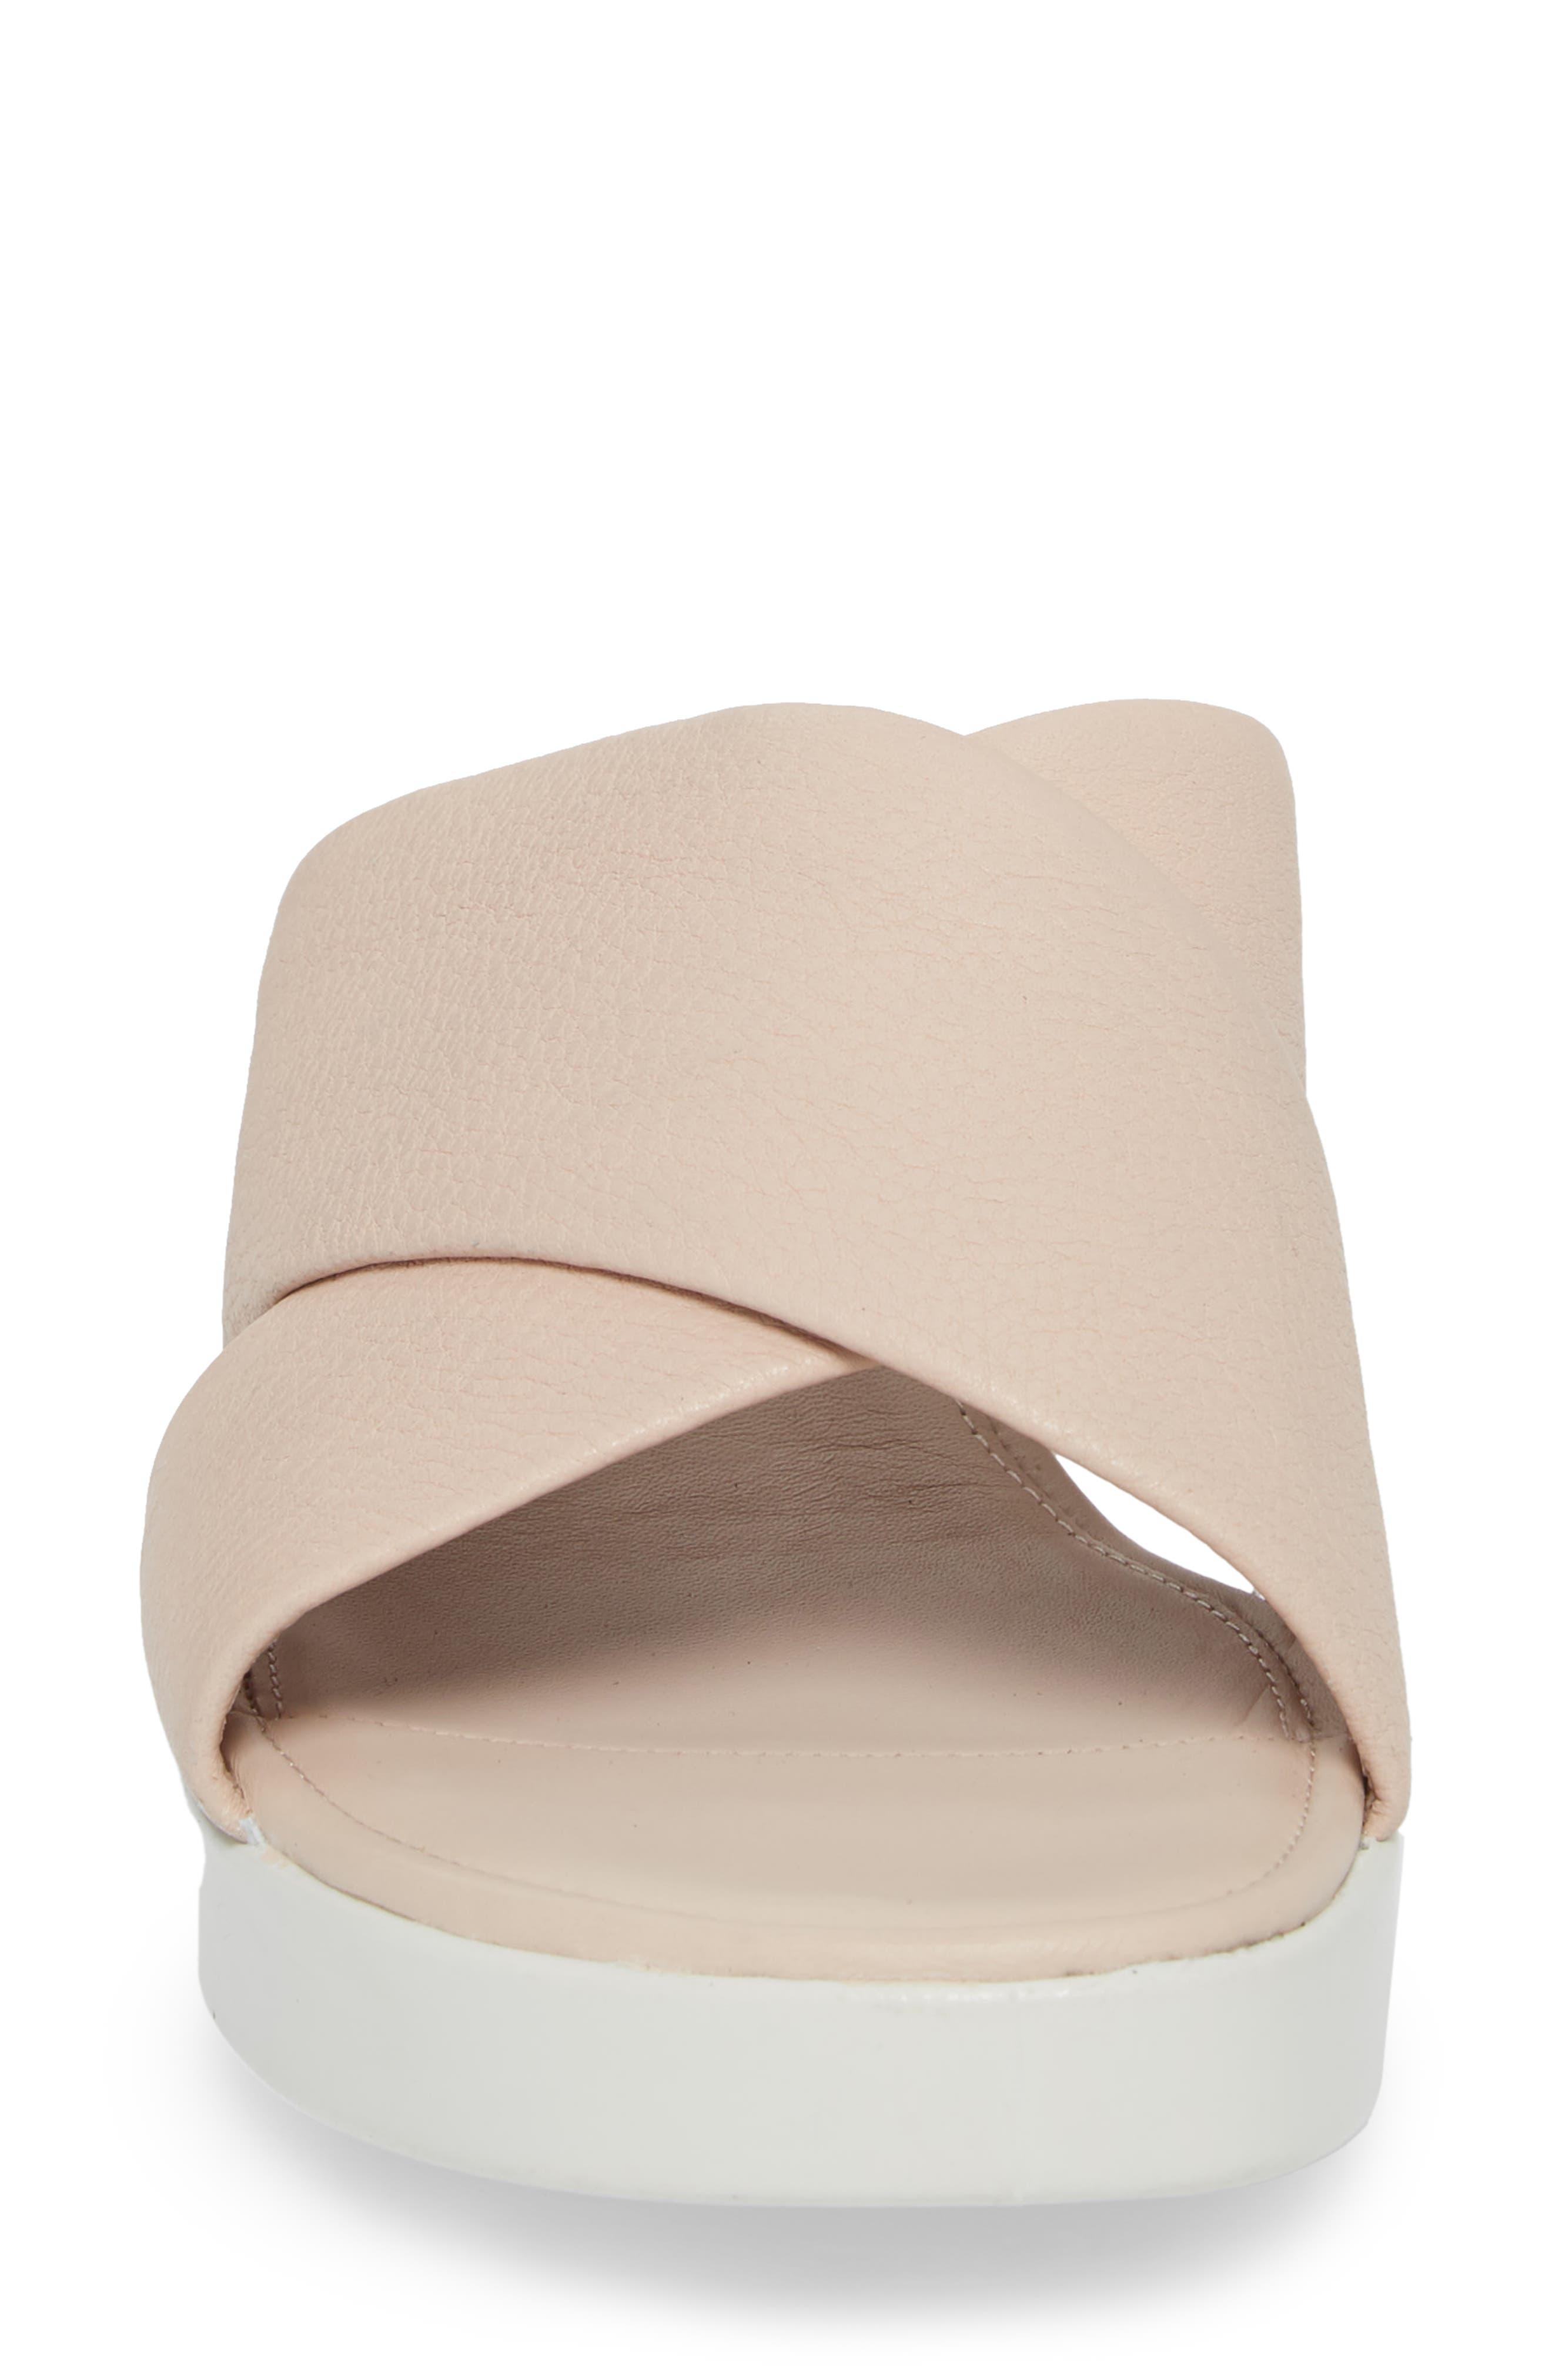 Touch Slide Sandal,                             Alternate thumbnail 4, color,                             Rose Dust Leather